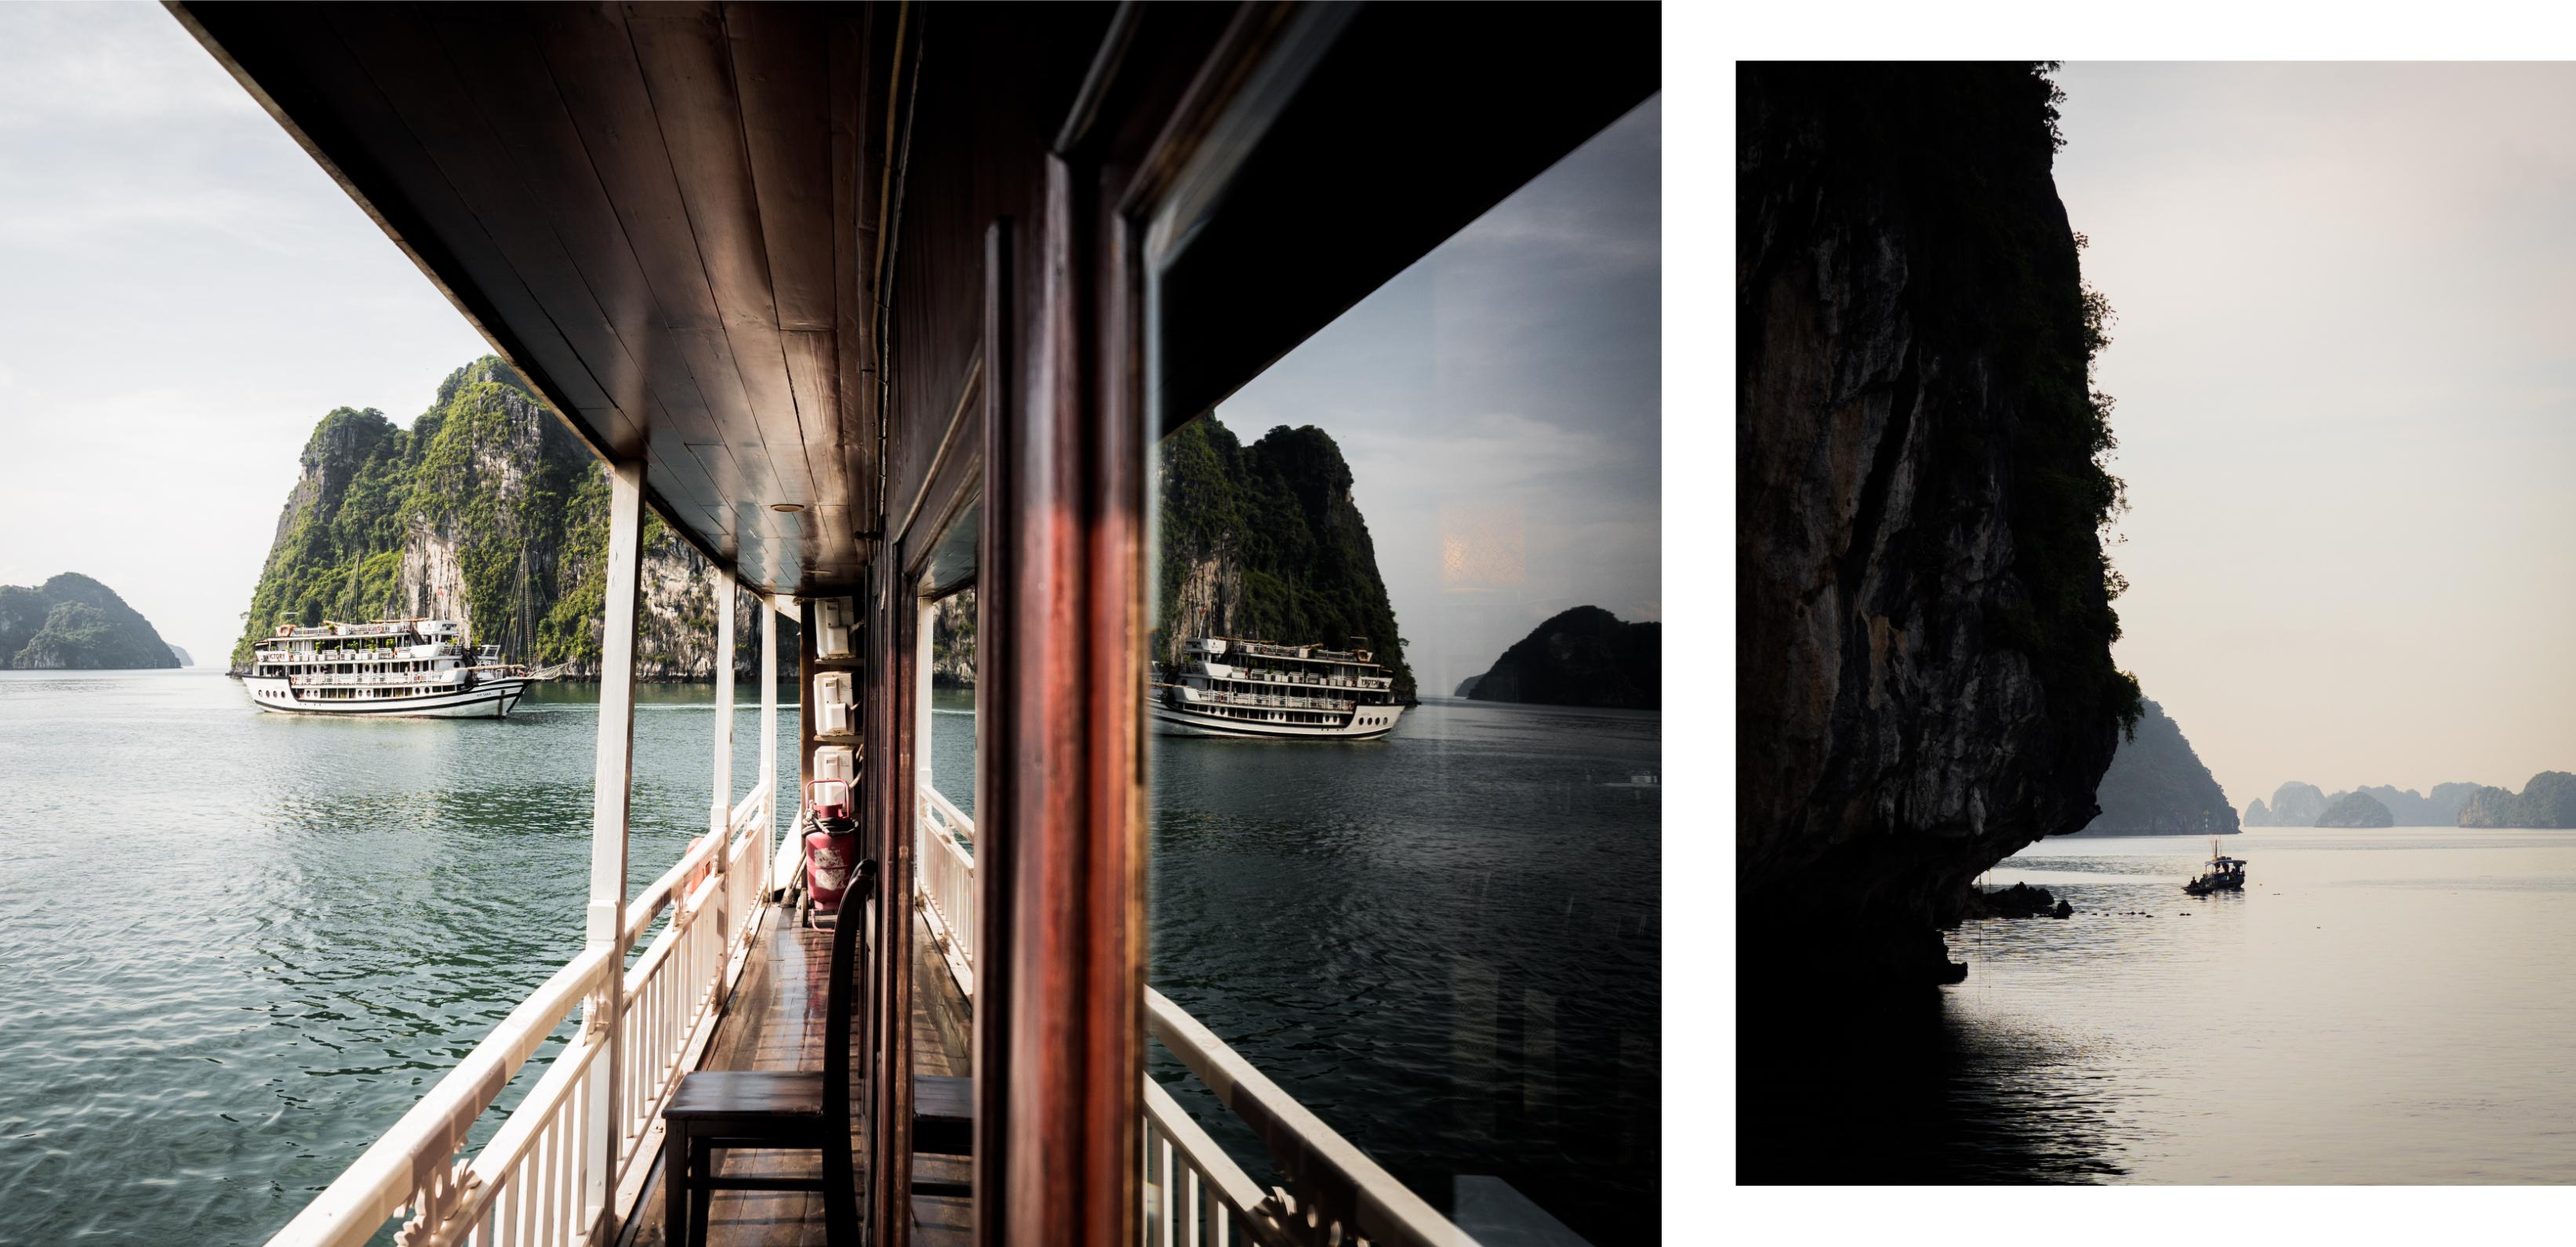 visiter la baie d'halong - vietnam - voyager en jonque dans la baie d'halong